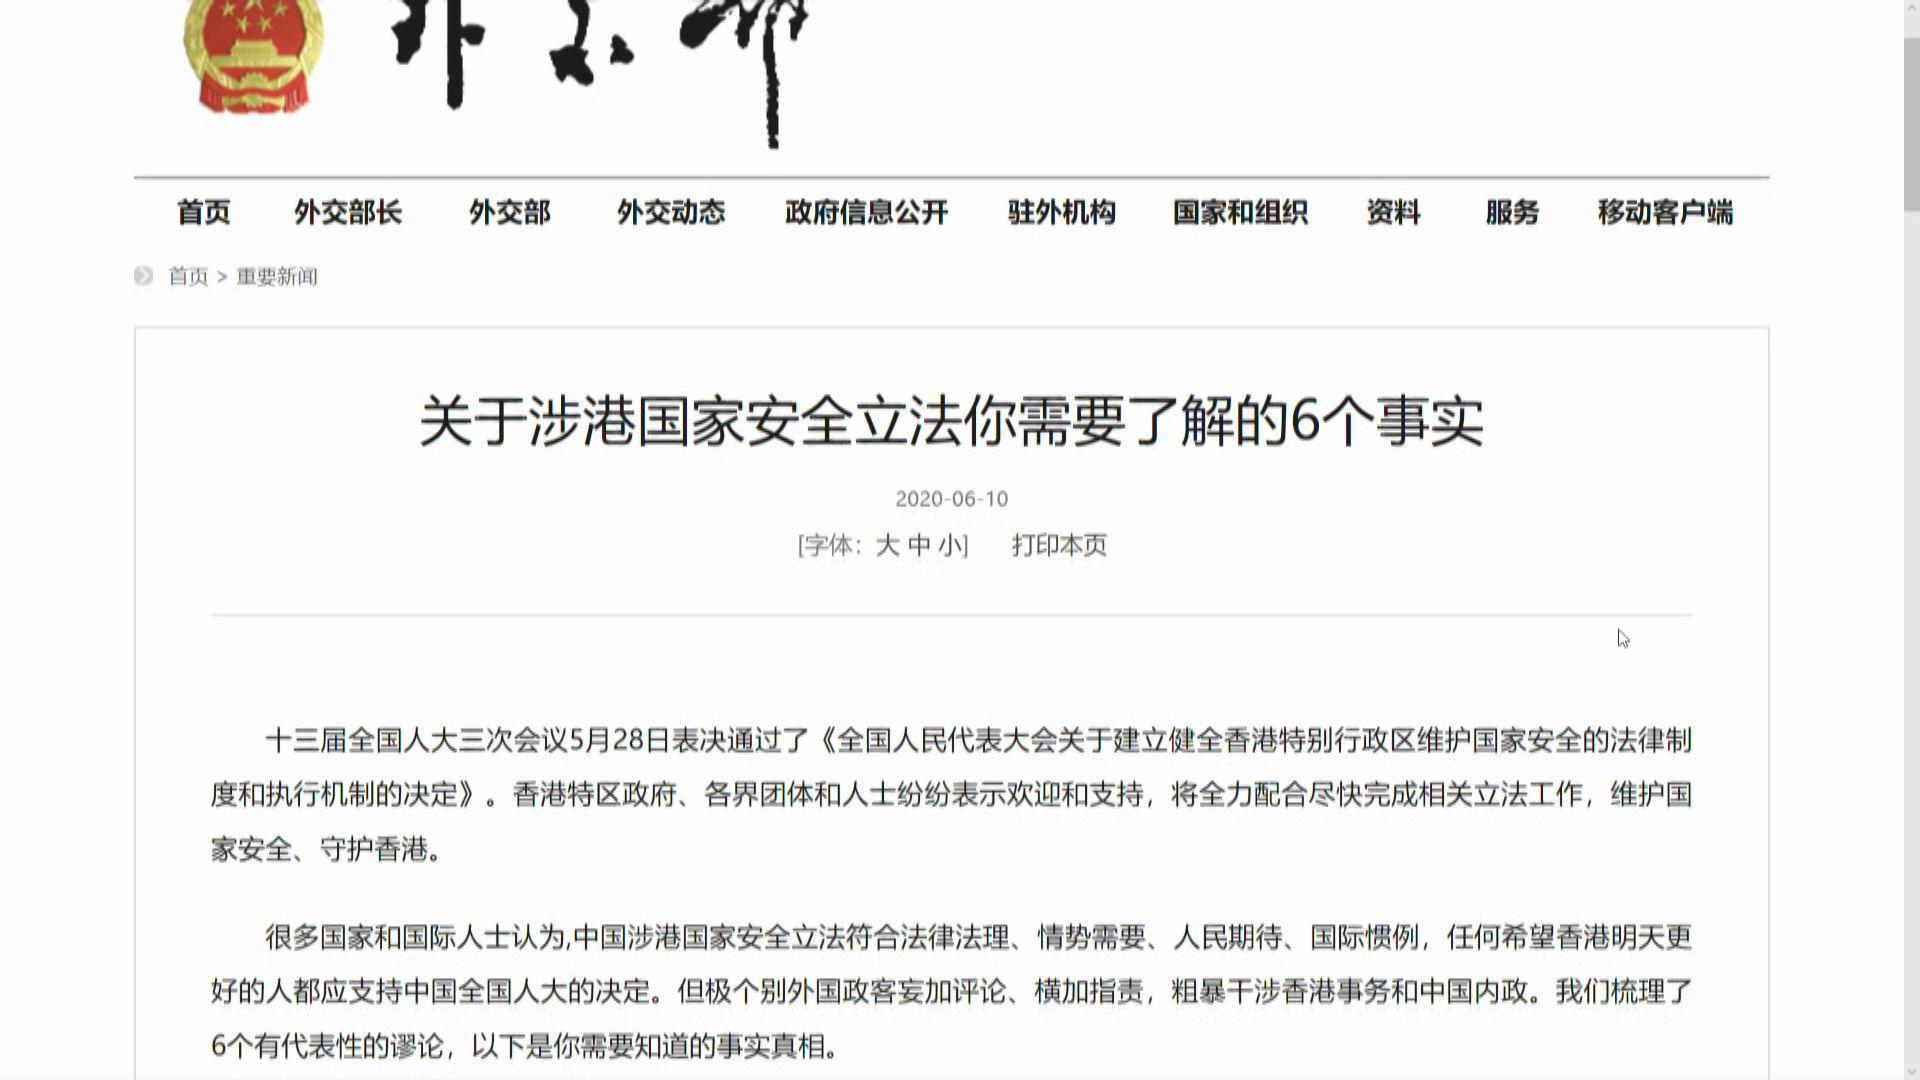 外交部網站發文逐點反駁外界對港區國安法質疑